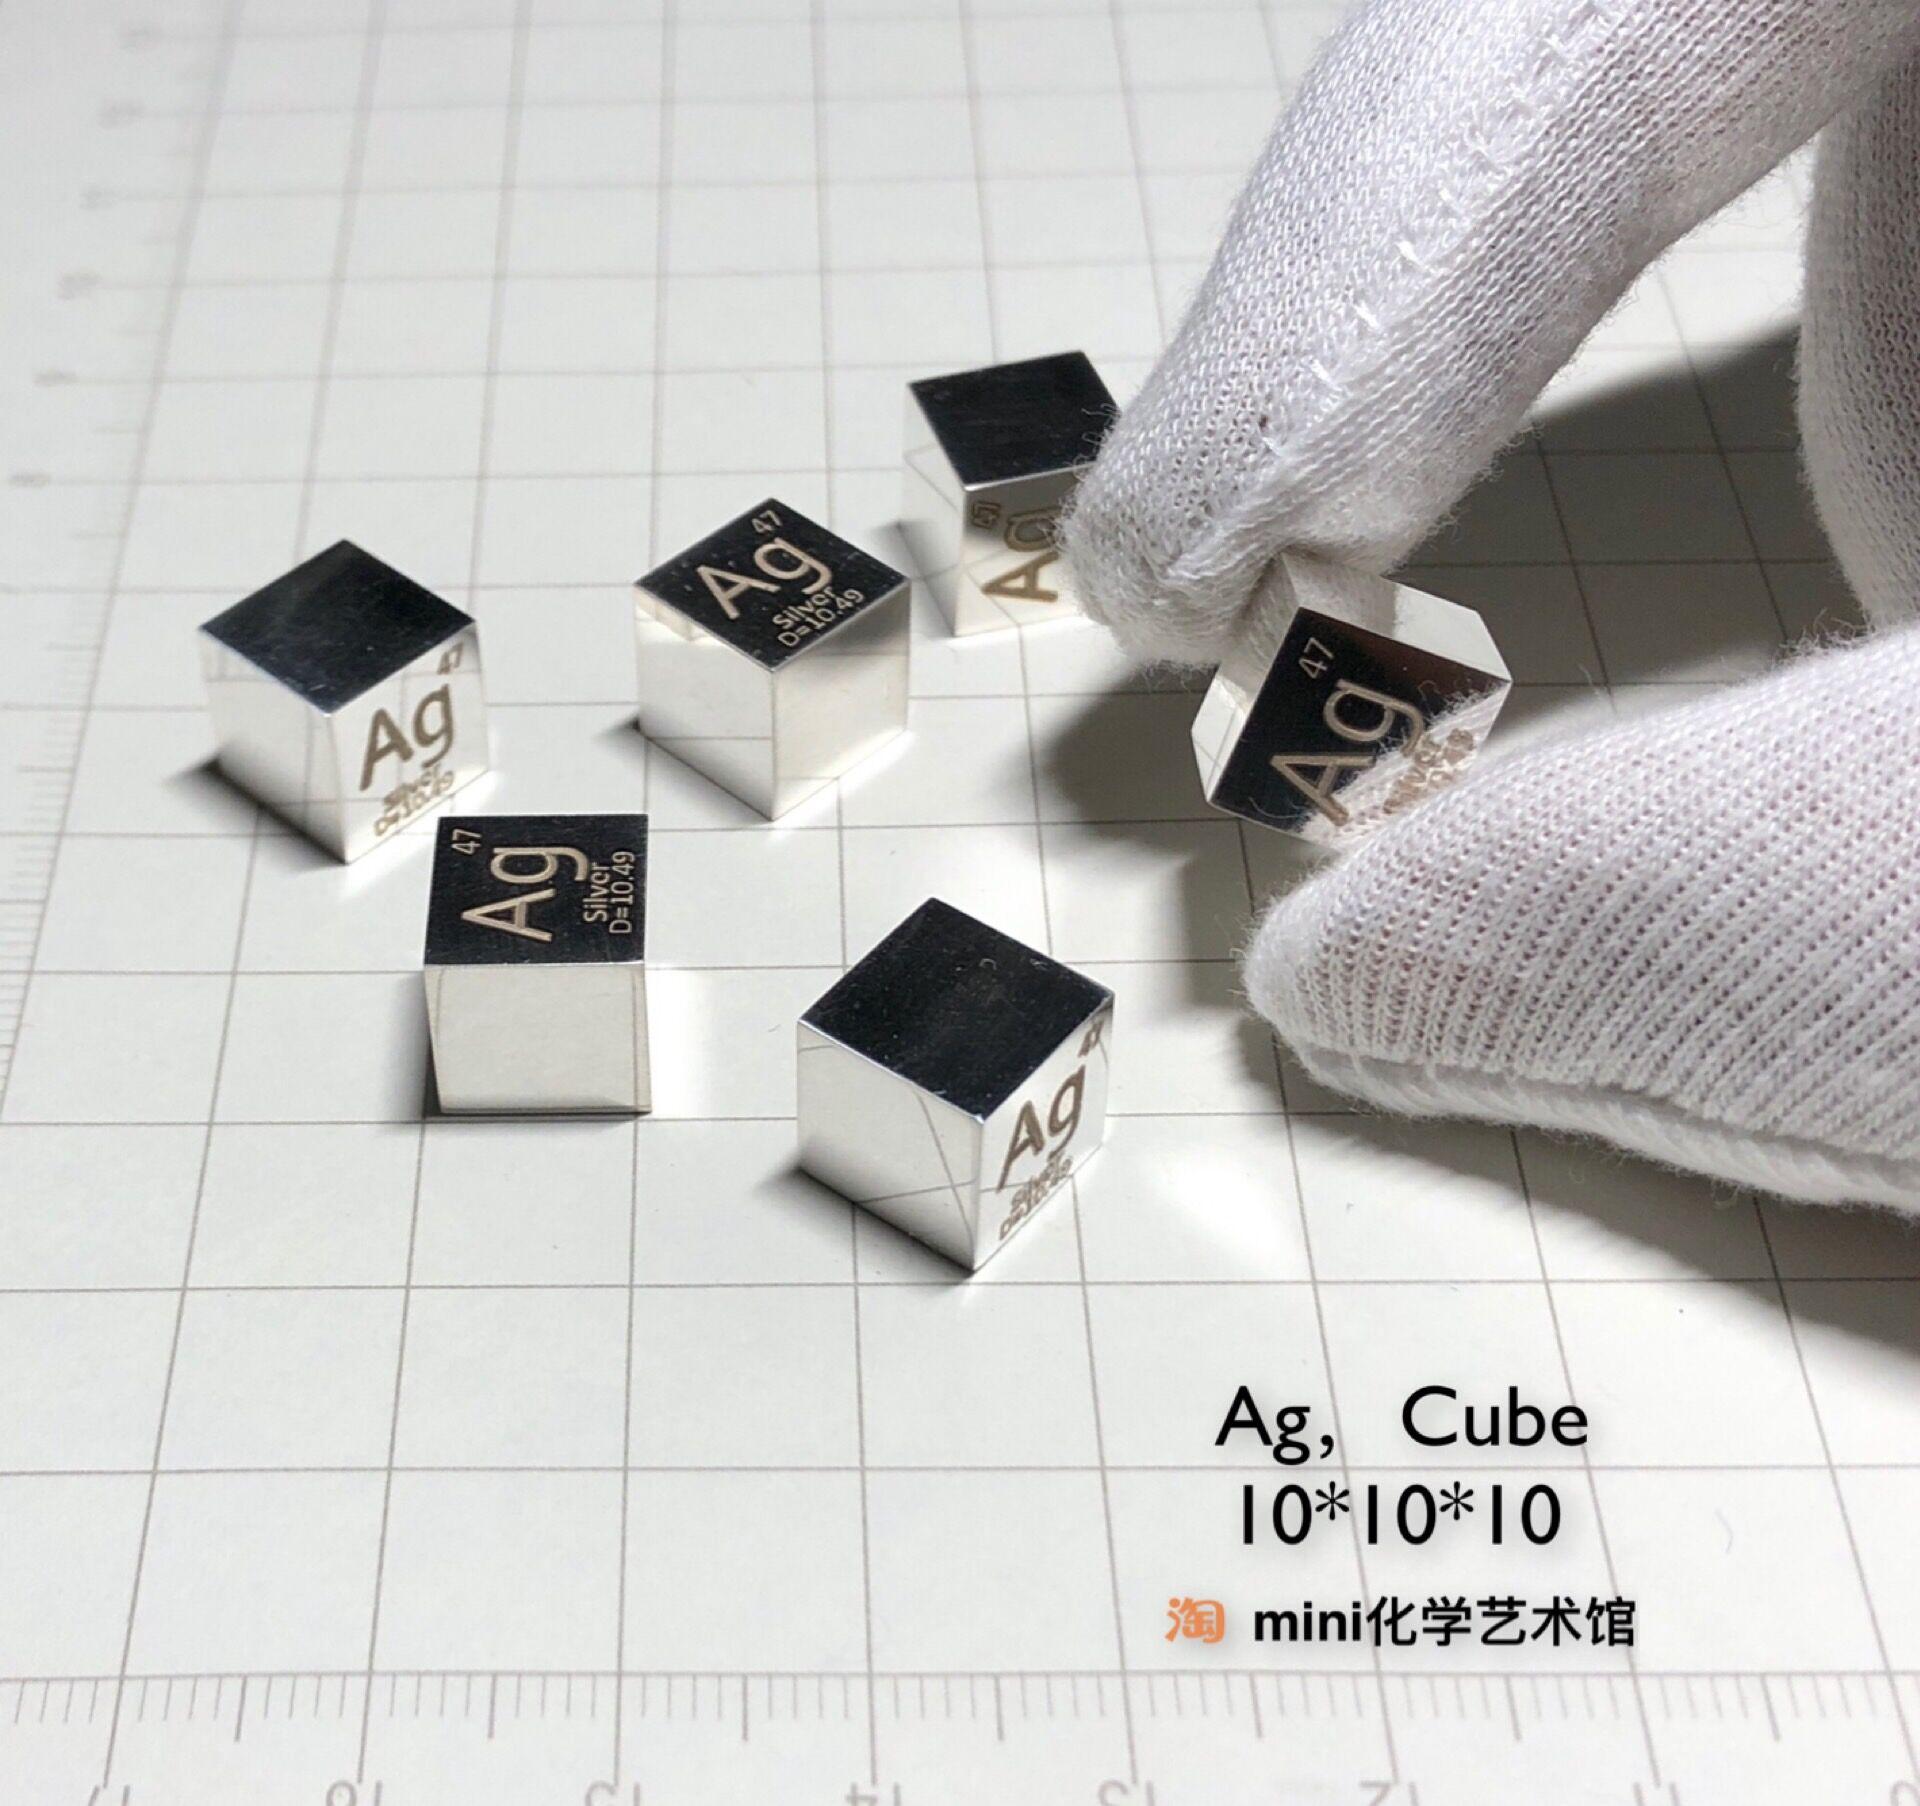 1 шт., 99.9% чистоты чистого серебра Ag 10 мм, куб, резной элемент, Периодическая таблица, полированная модель, полная версия зеркала